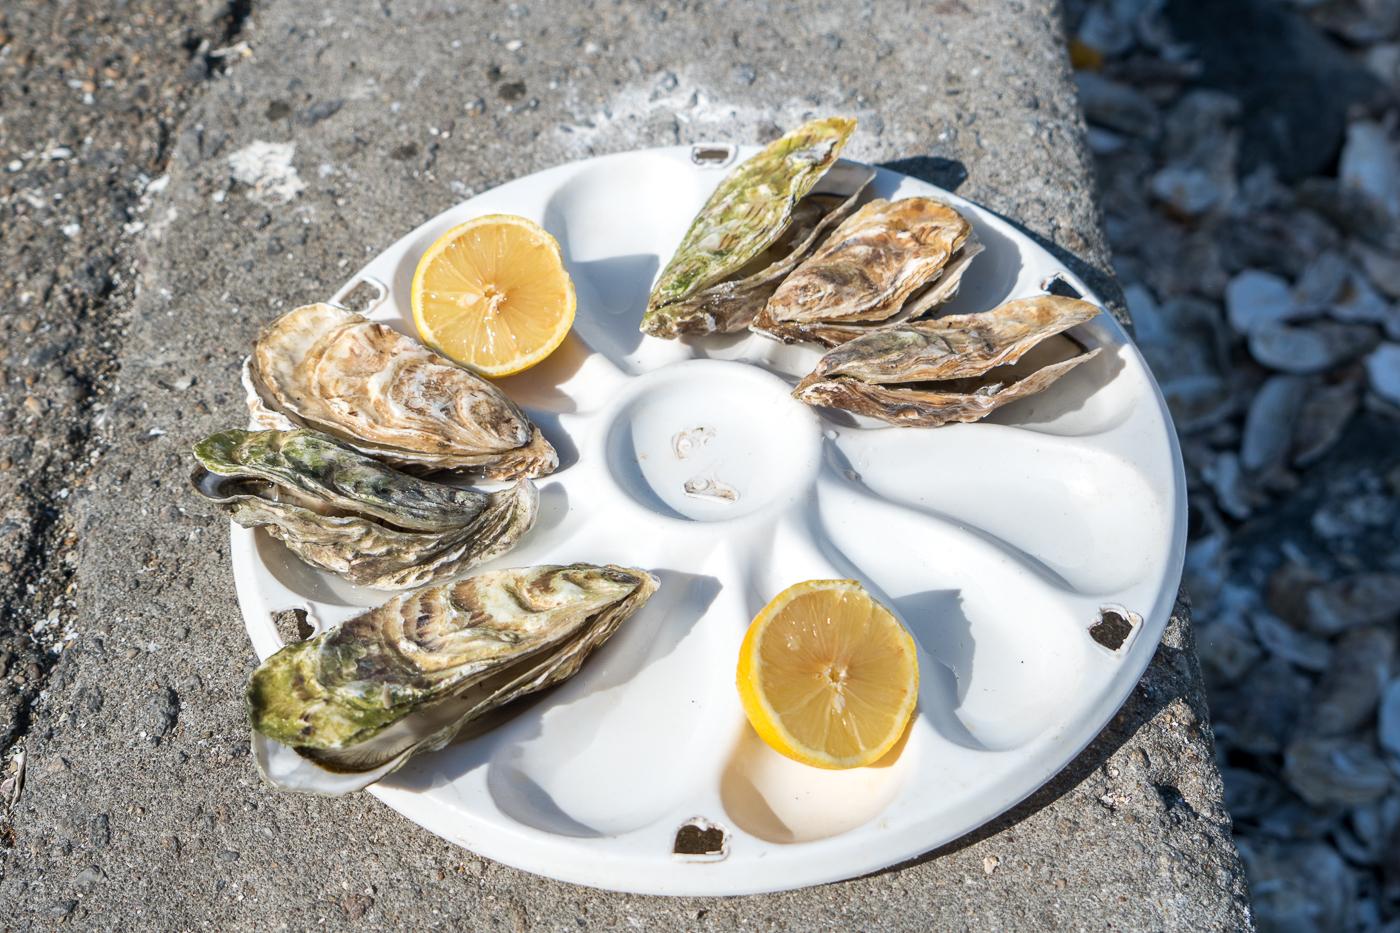 Huîtres fraîches et citron à manger à Cancale au bord de l'eau